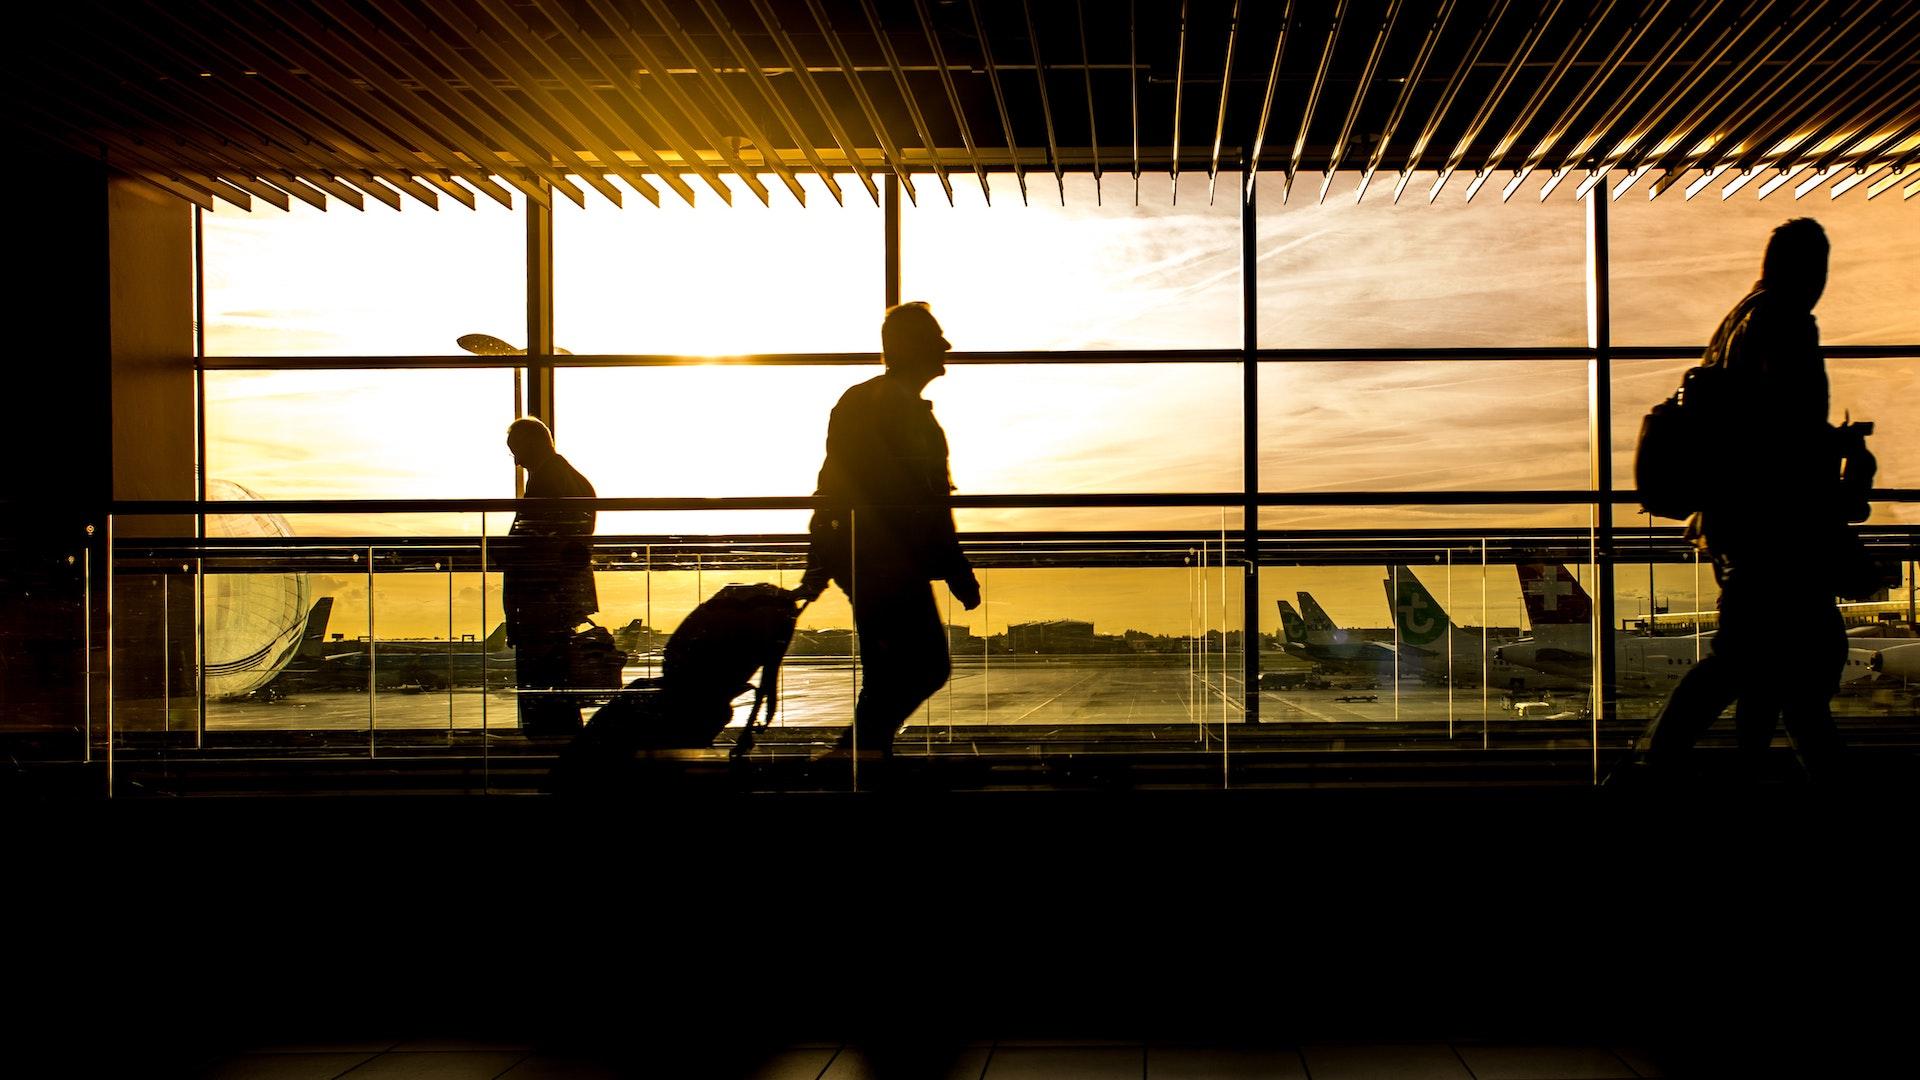 Una encuesta revela que los aeropuertos están haciendo lo que los pasajeros no quieren